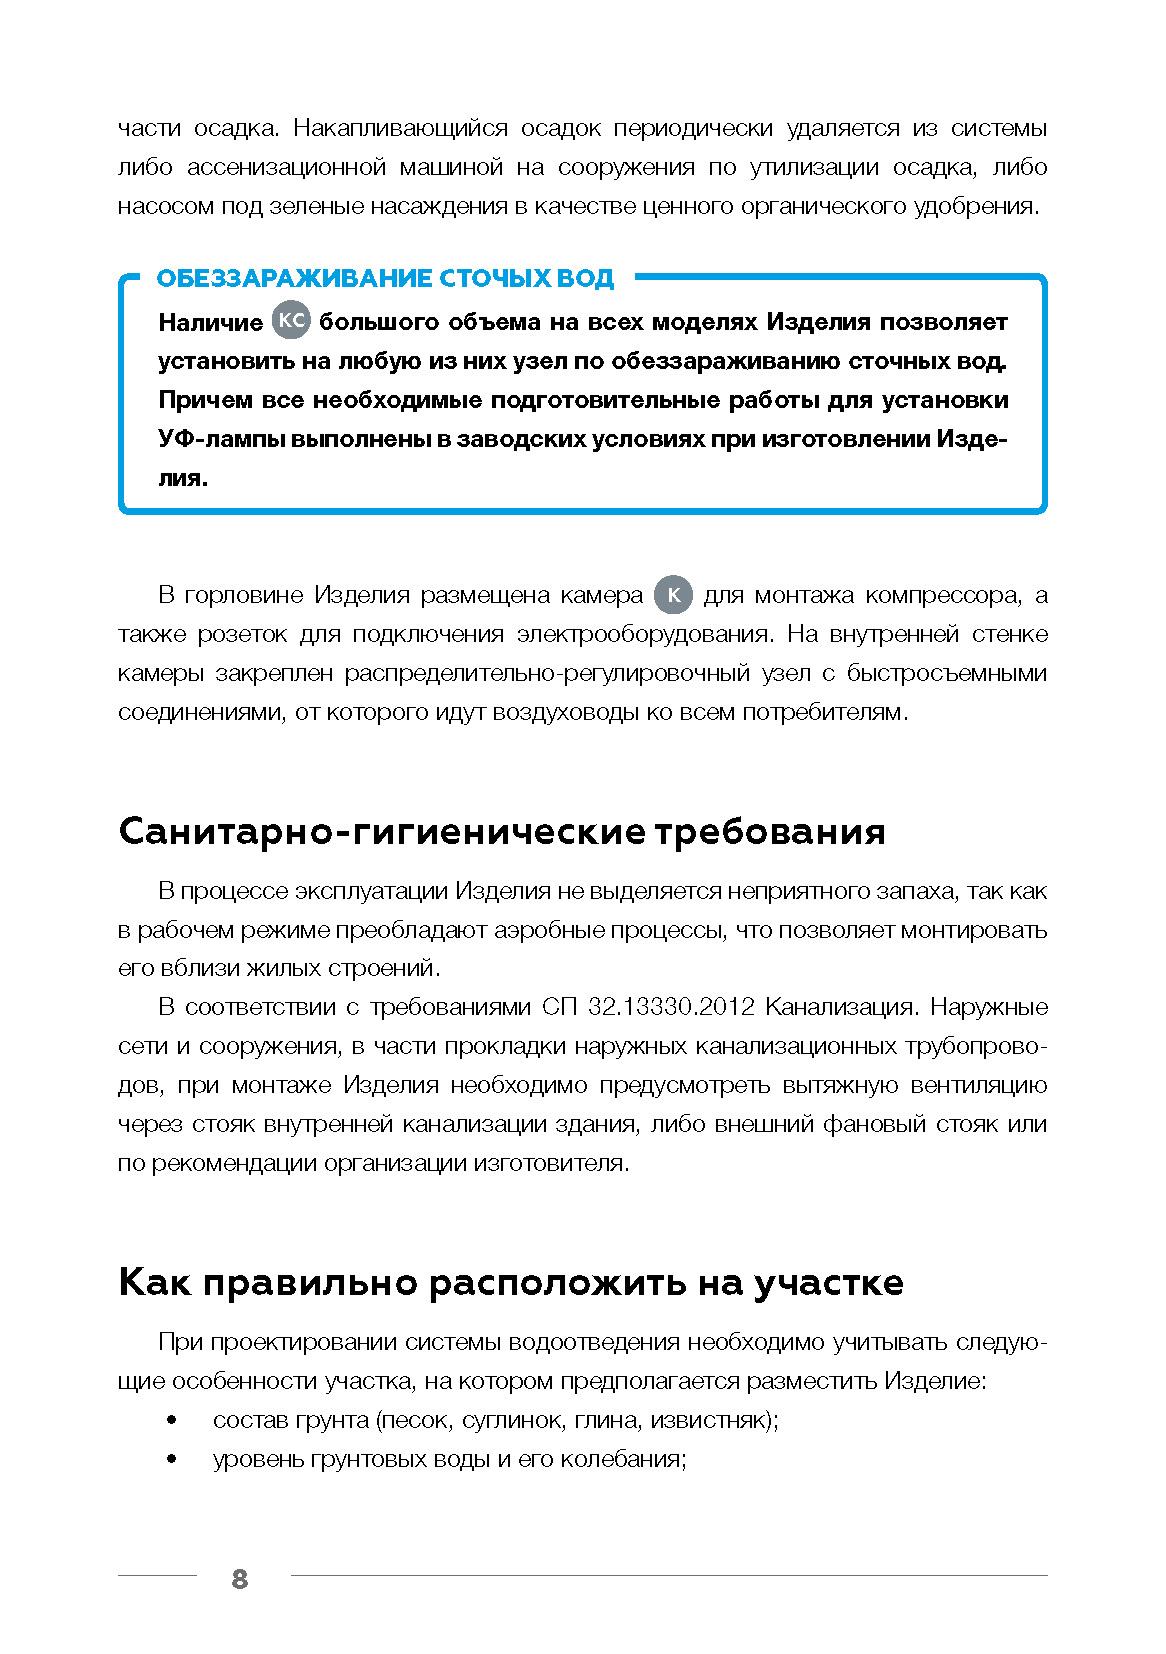 Технический паспорт Евролос Грунт_Страница_10